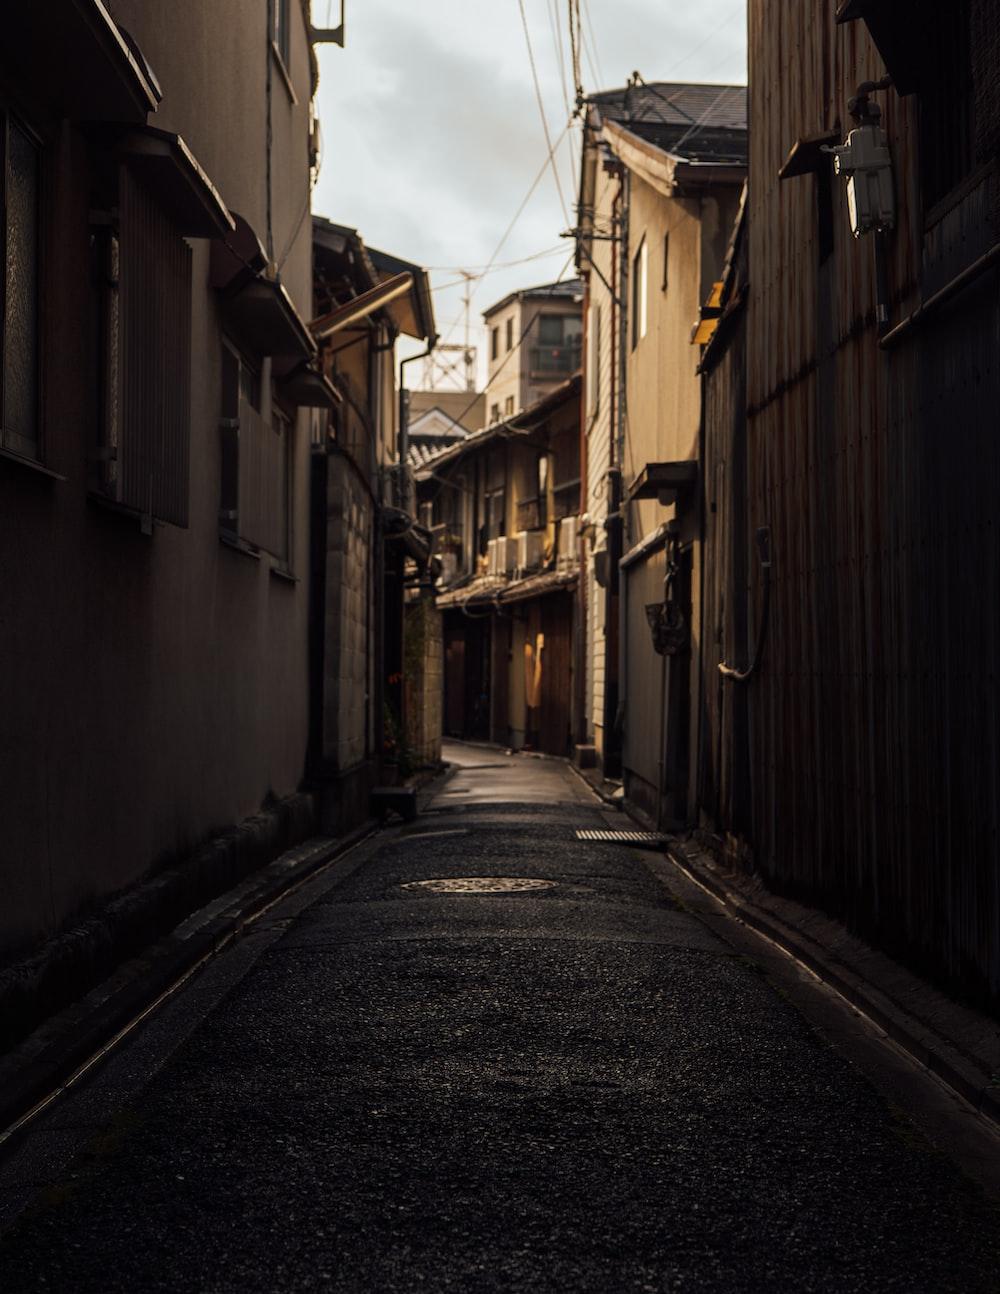 alleyway between houses during daytime